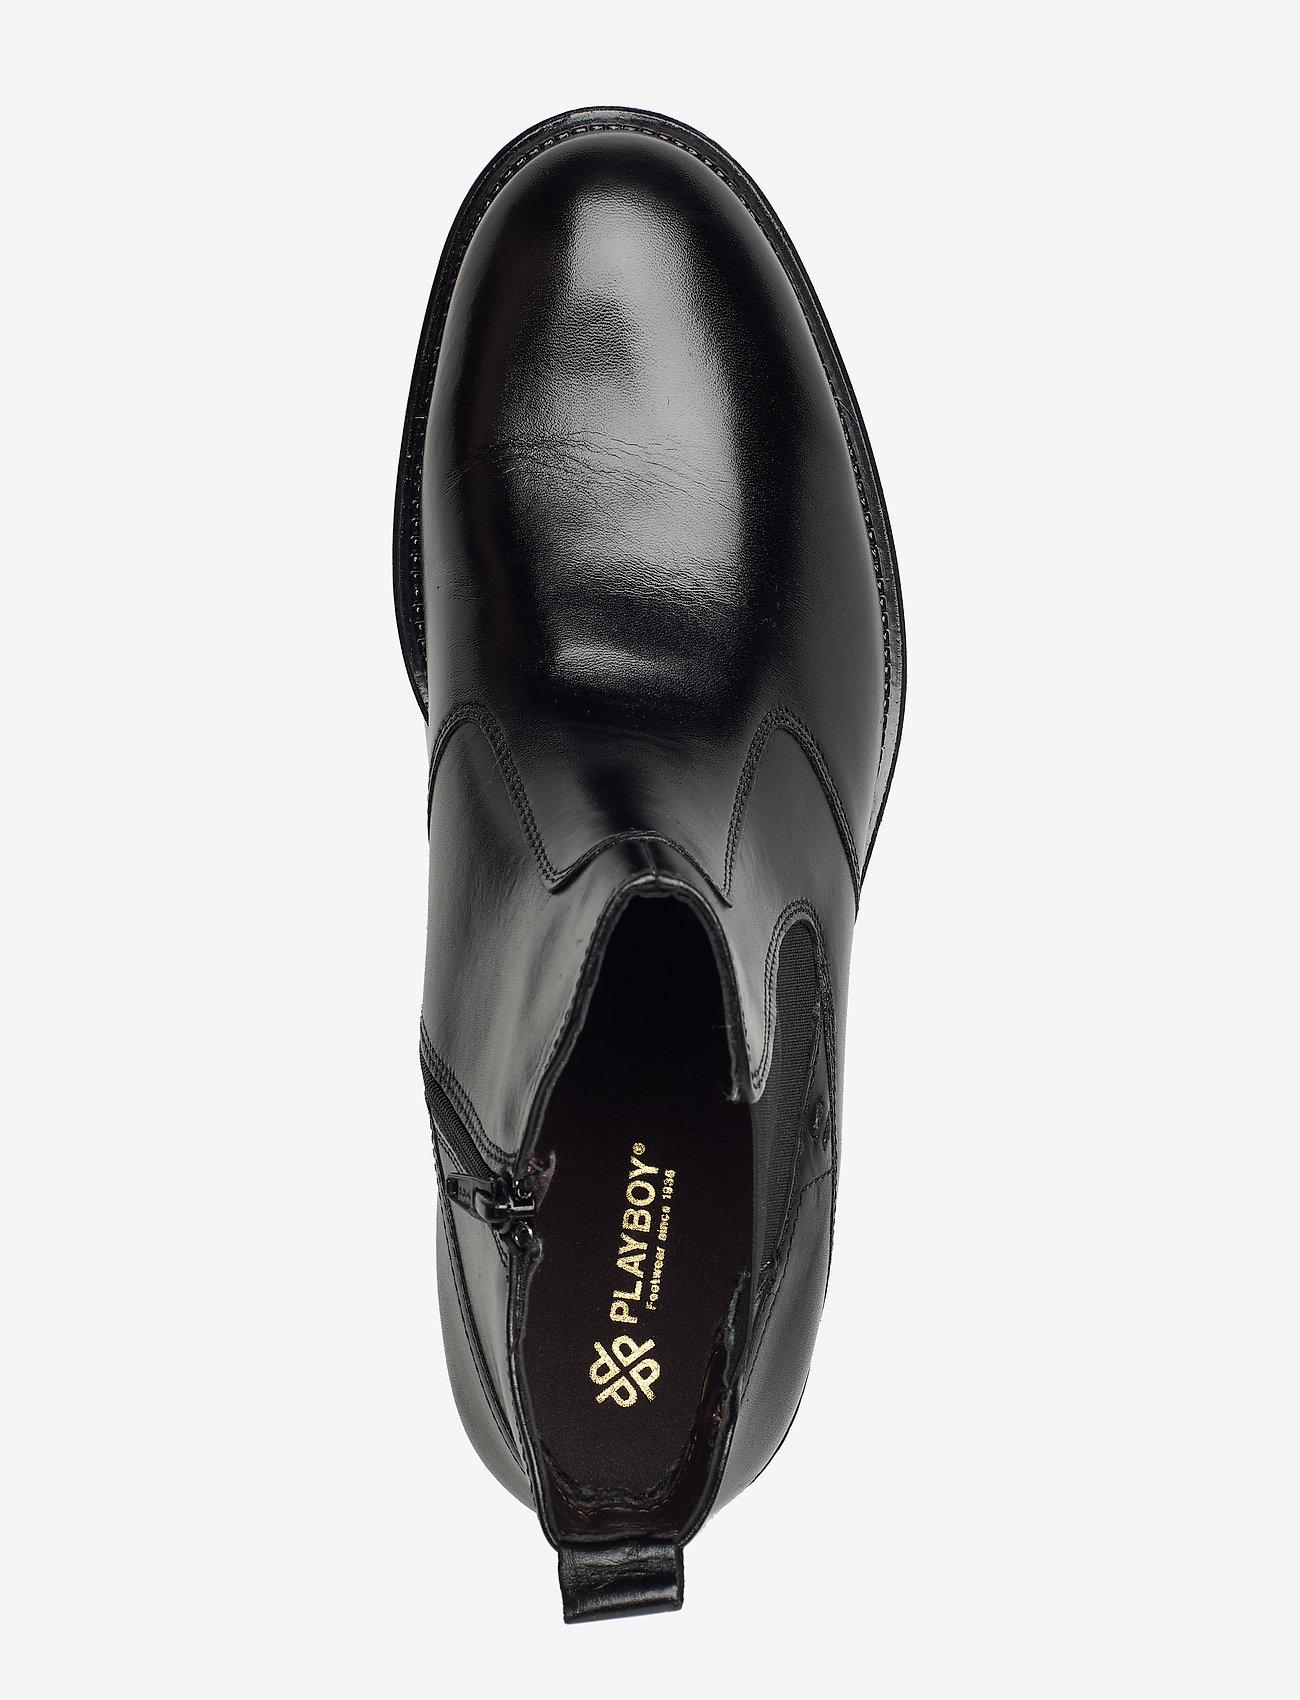 2970 (Black) - Playboy Footwear